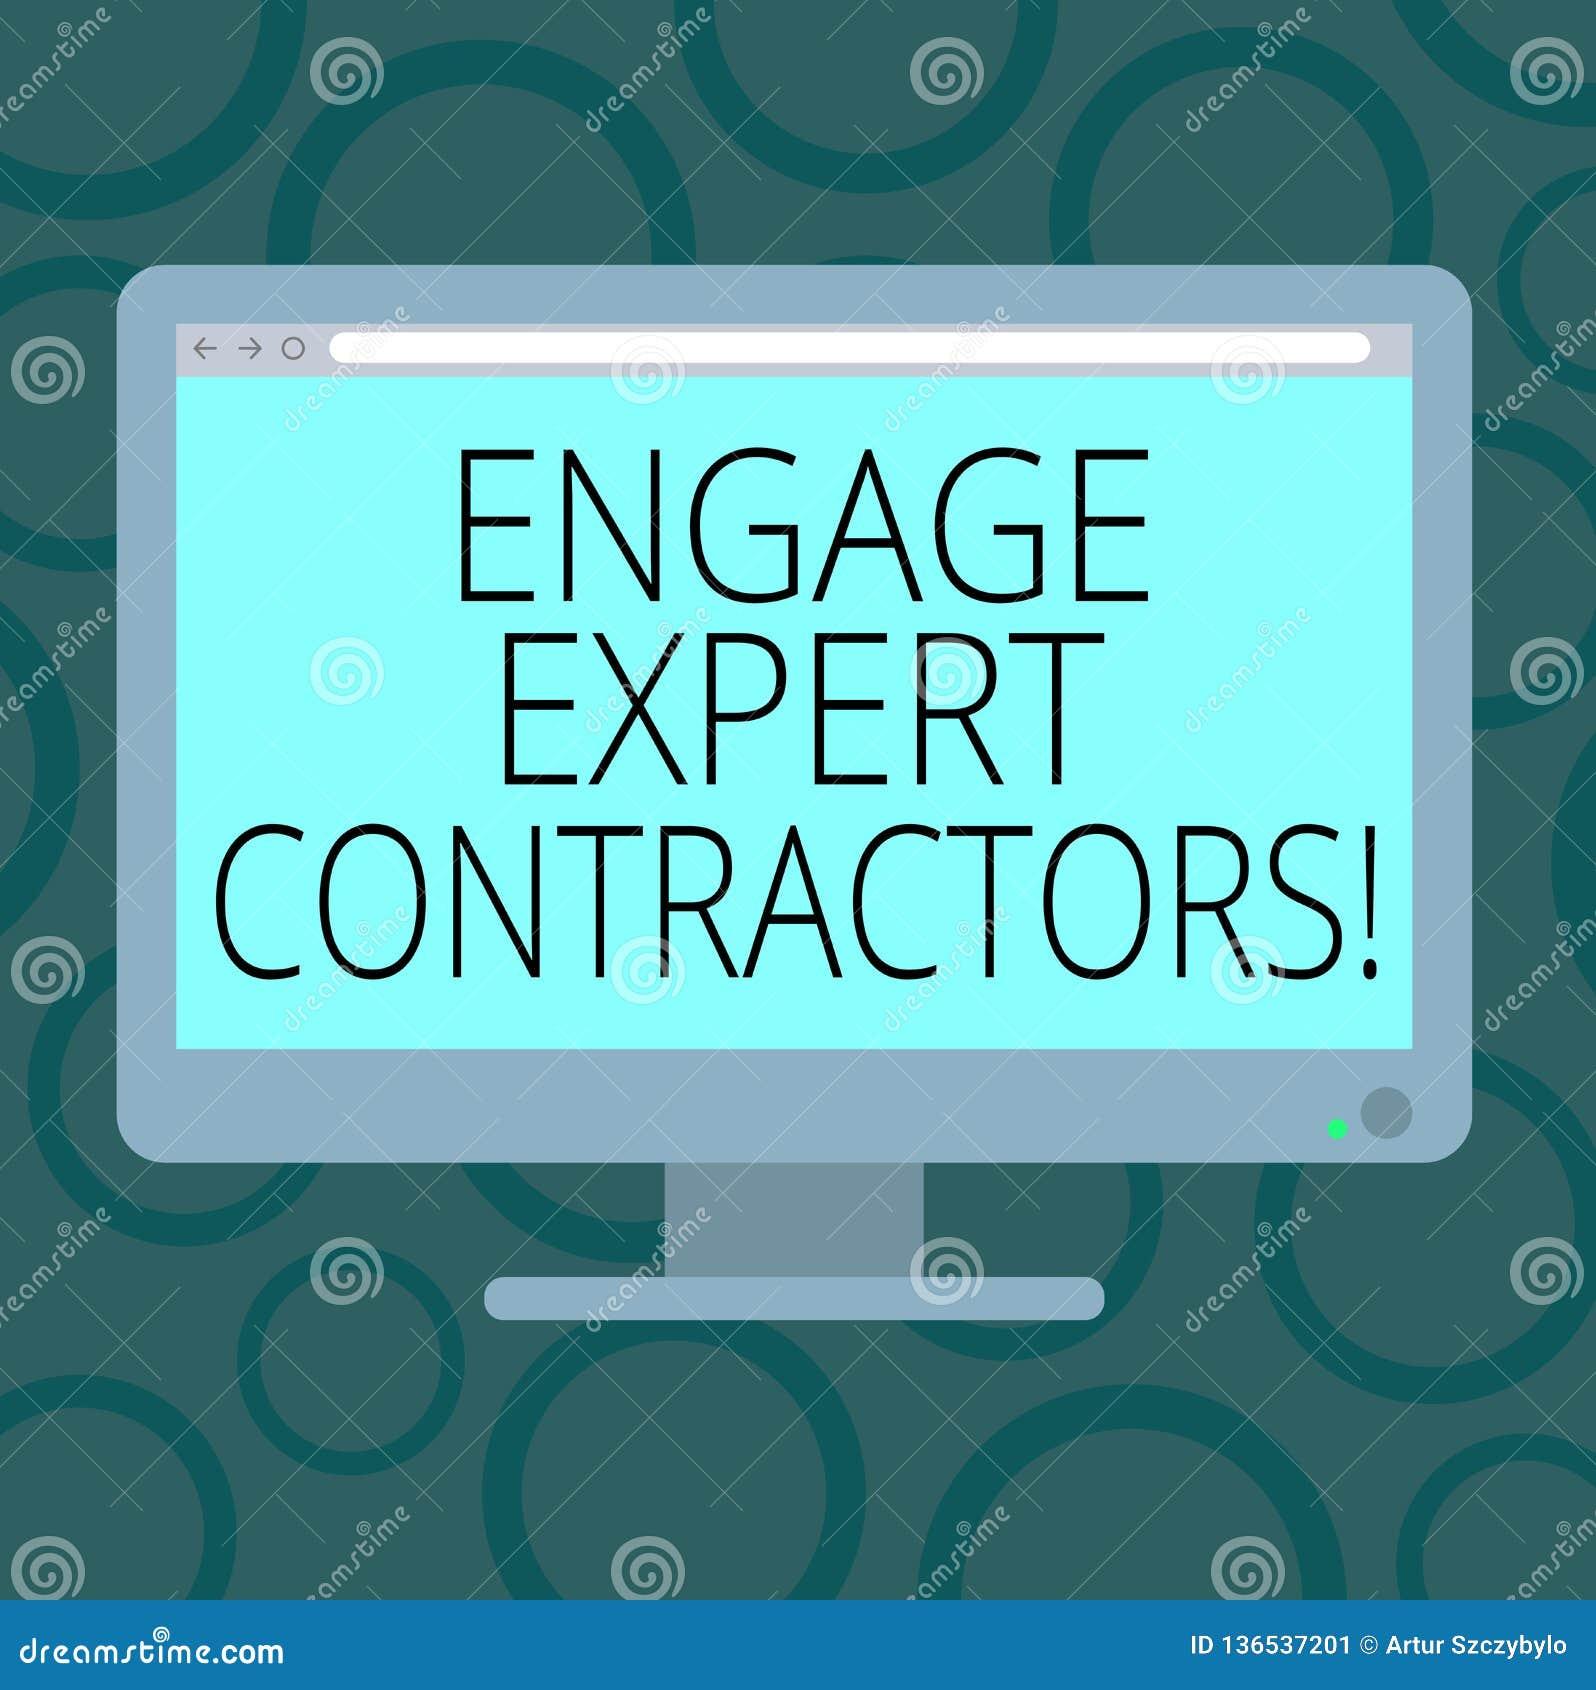 写笔记陈列允诺专家的承包商 企业照片陈列的聘用的熟练的outworkers短时间